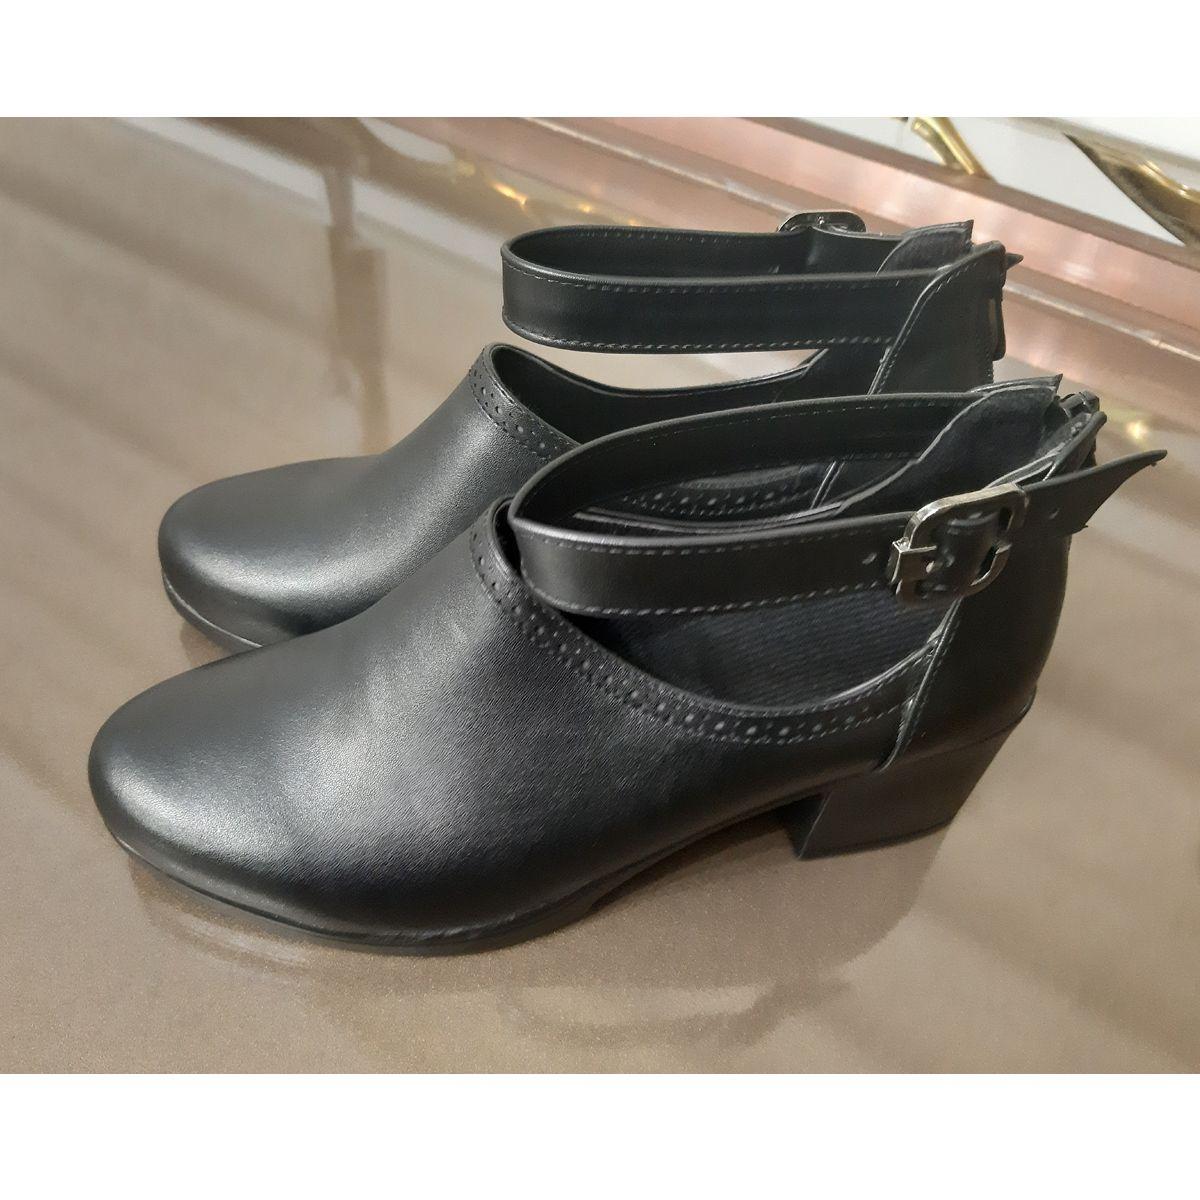 کفش زنانه مدل te65241 -  - 3